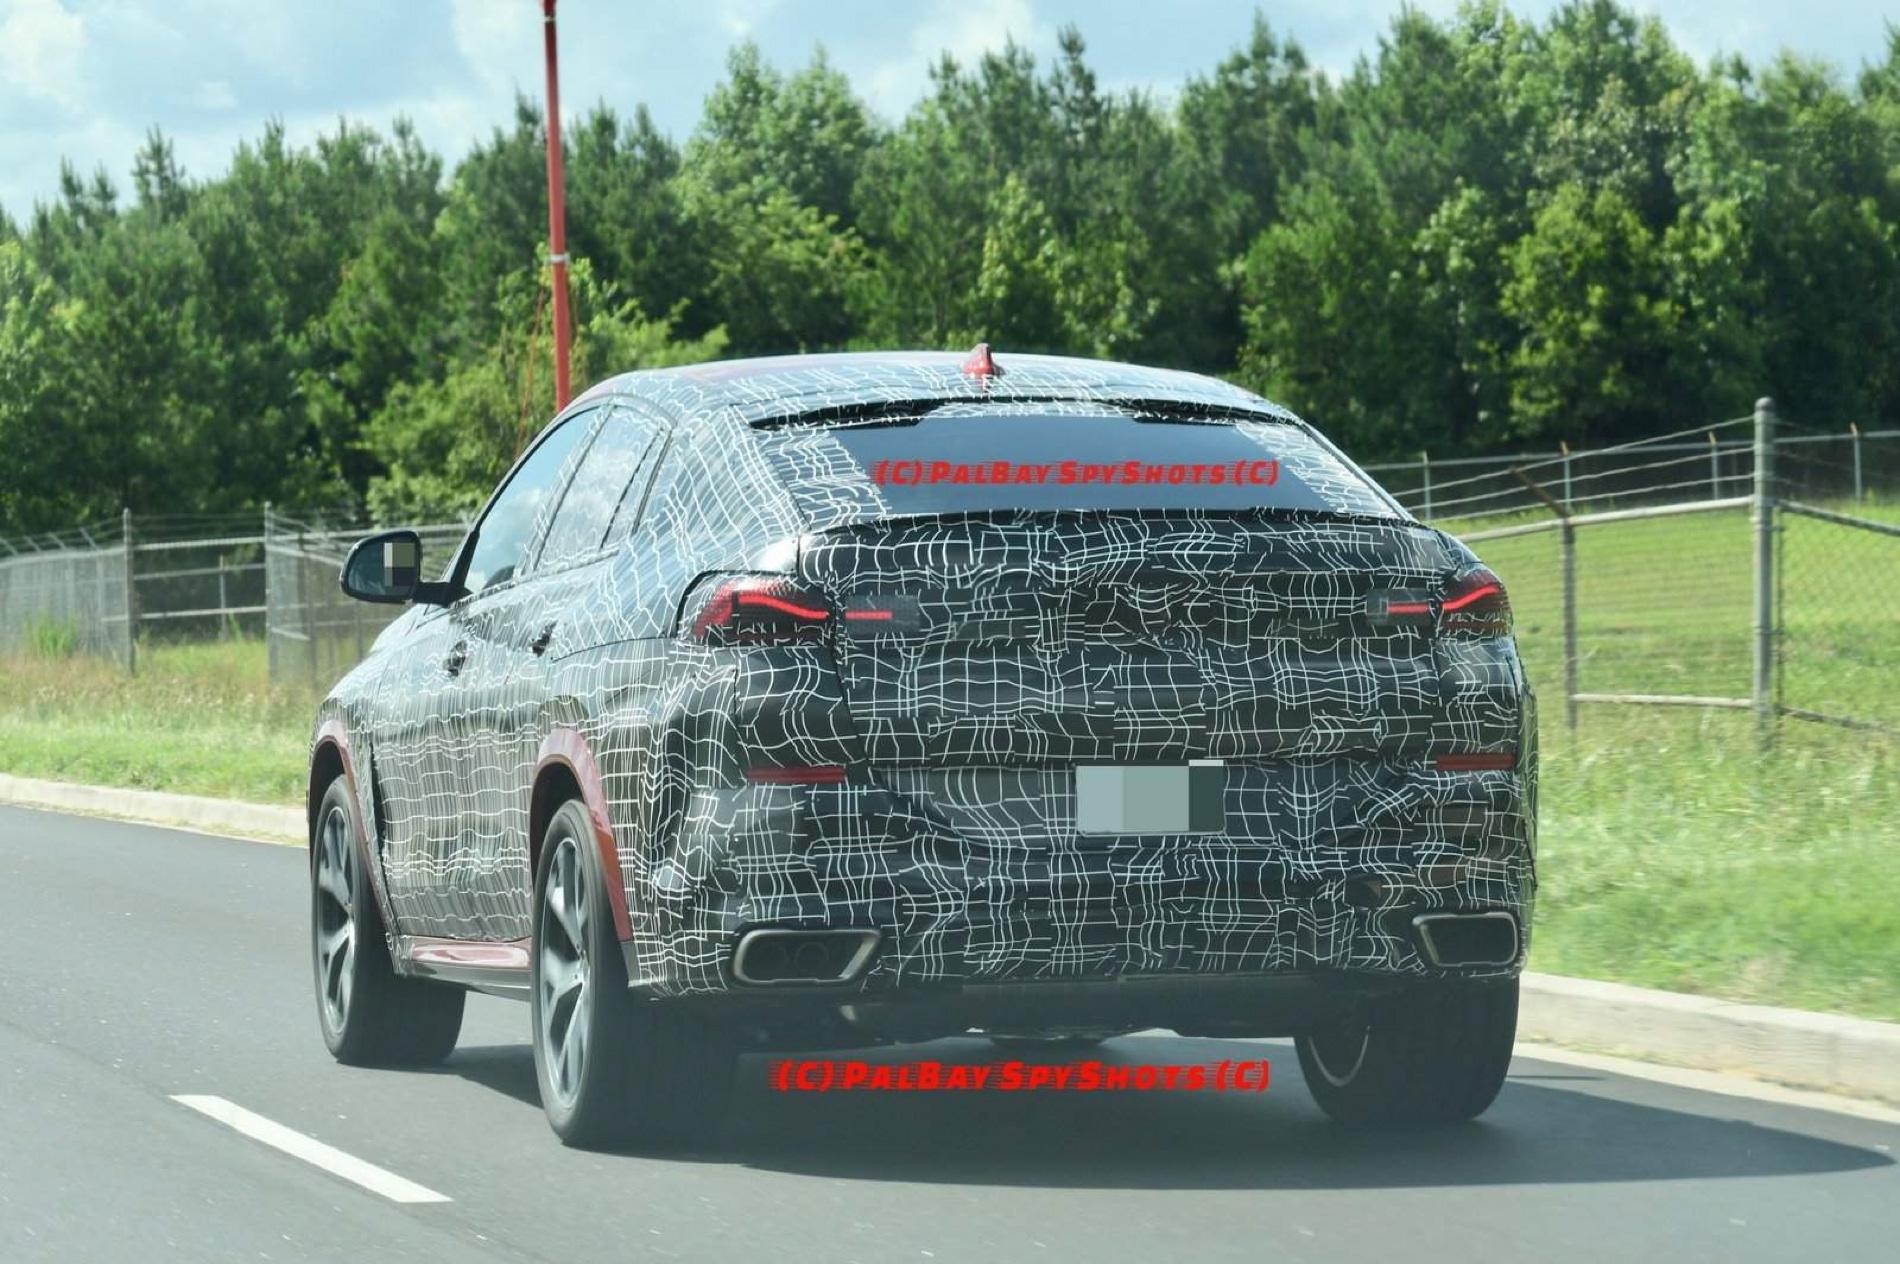 Bmw X6 2019 Erste Erlkonig Fotos Zeigen Suv Coupe G06